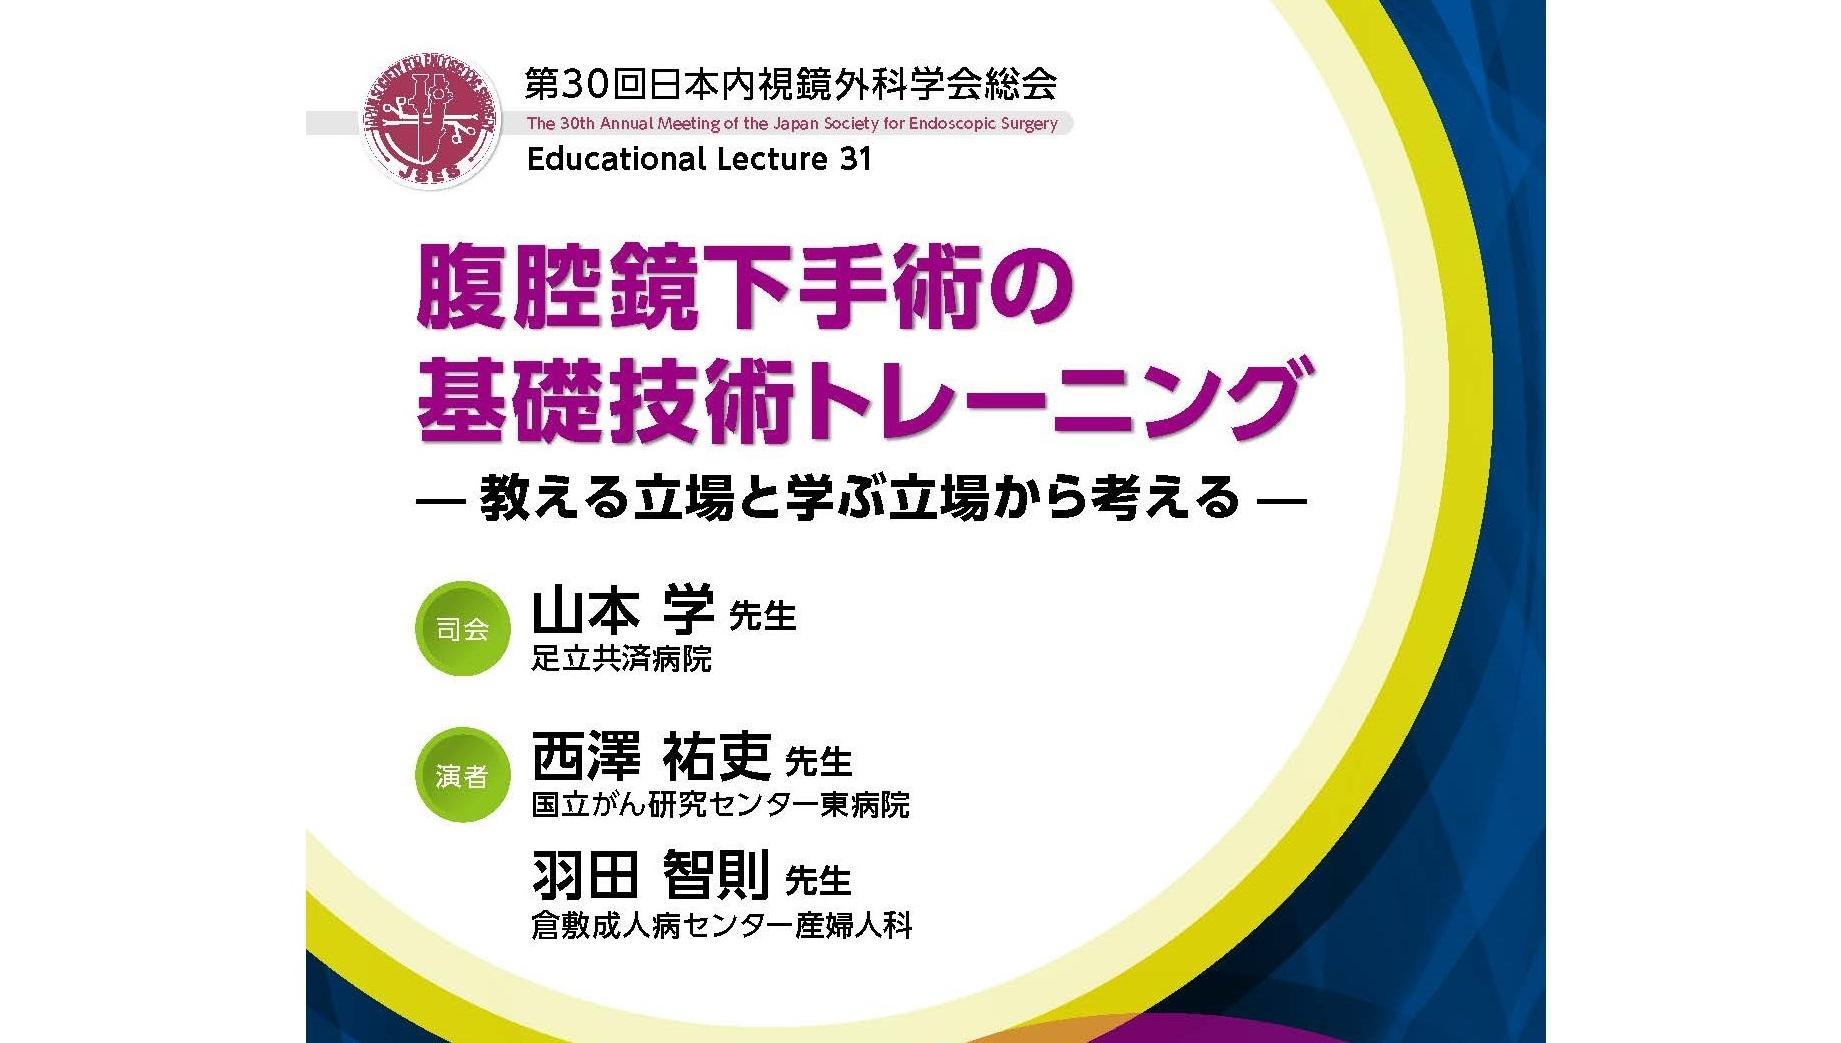 第30回日本内視鏡外科学会総会ランチョンセミナー.jpg